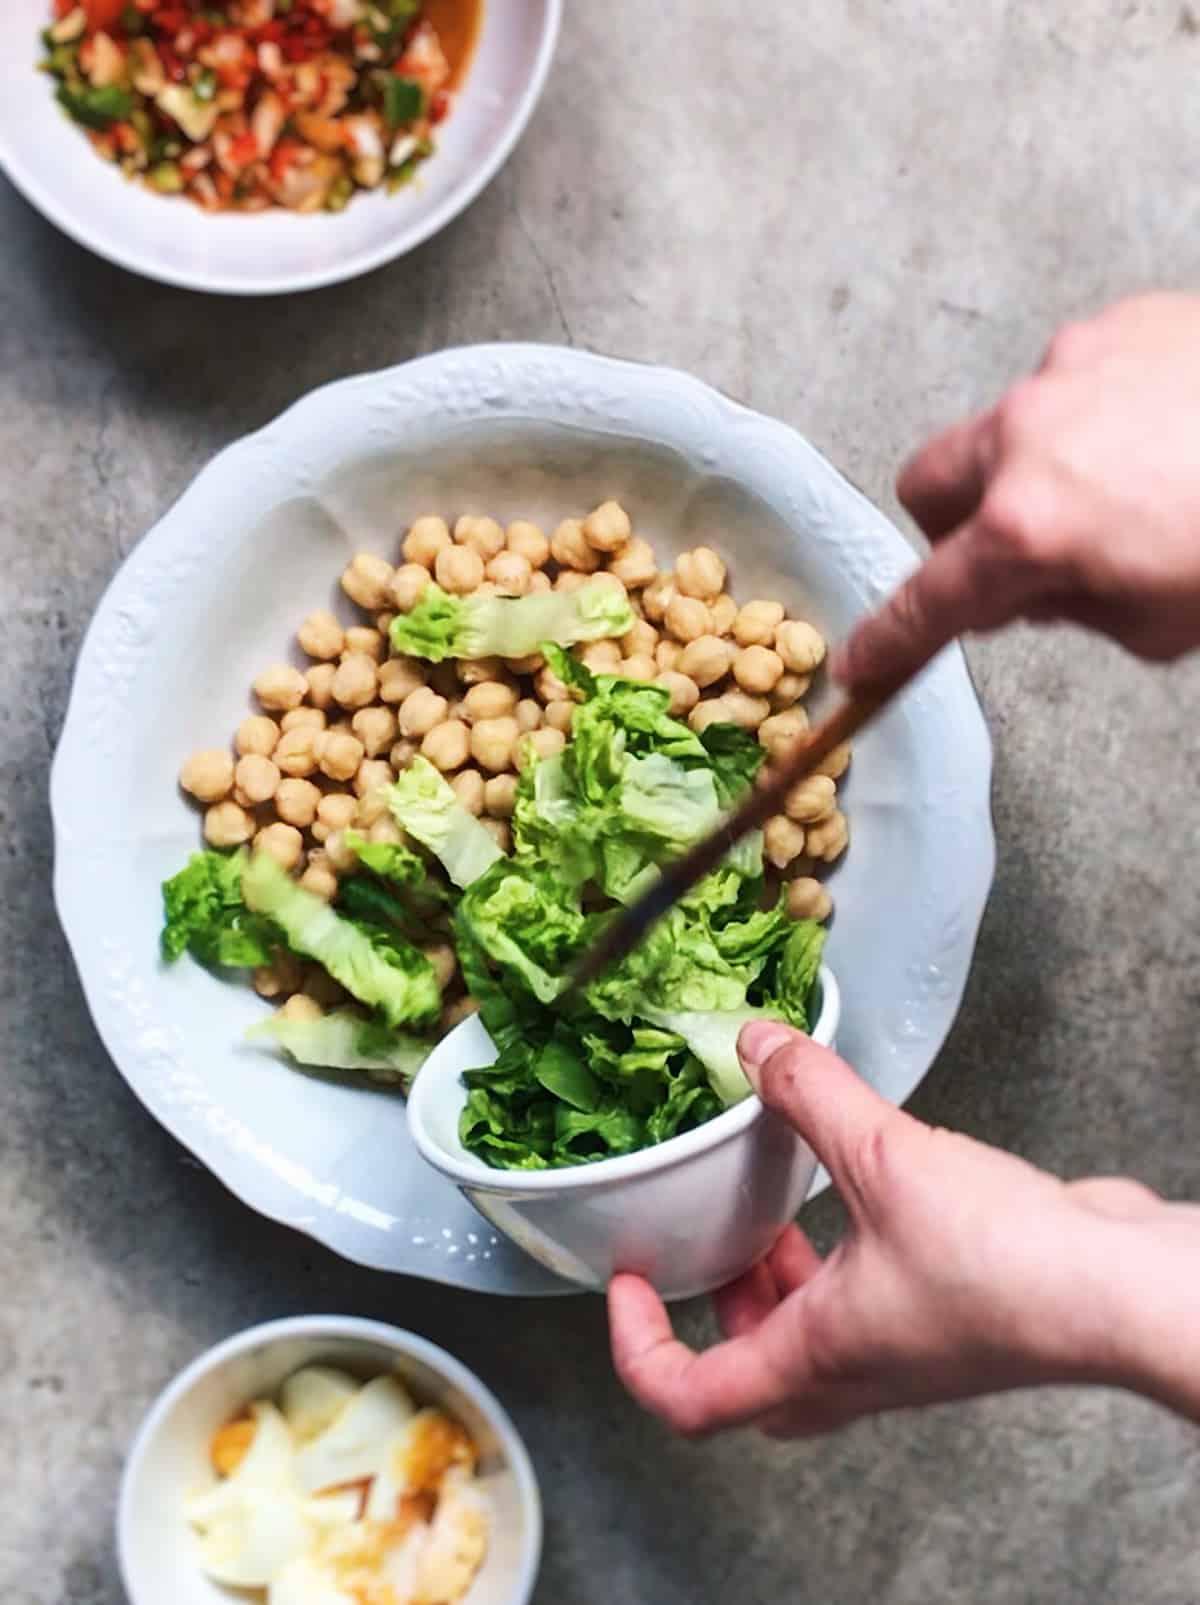 Ensalada de garbanzos receta vegetariana